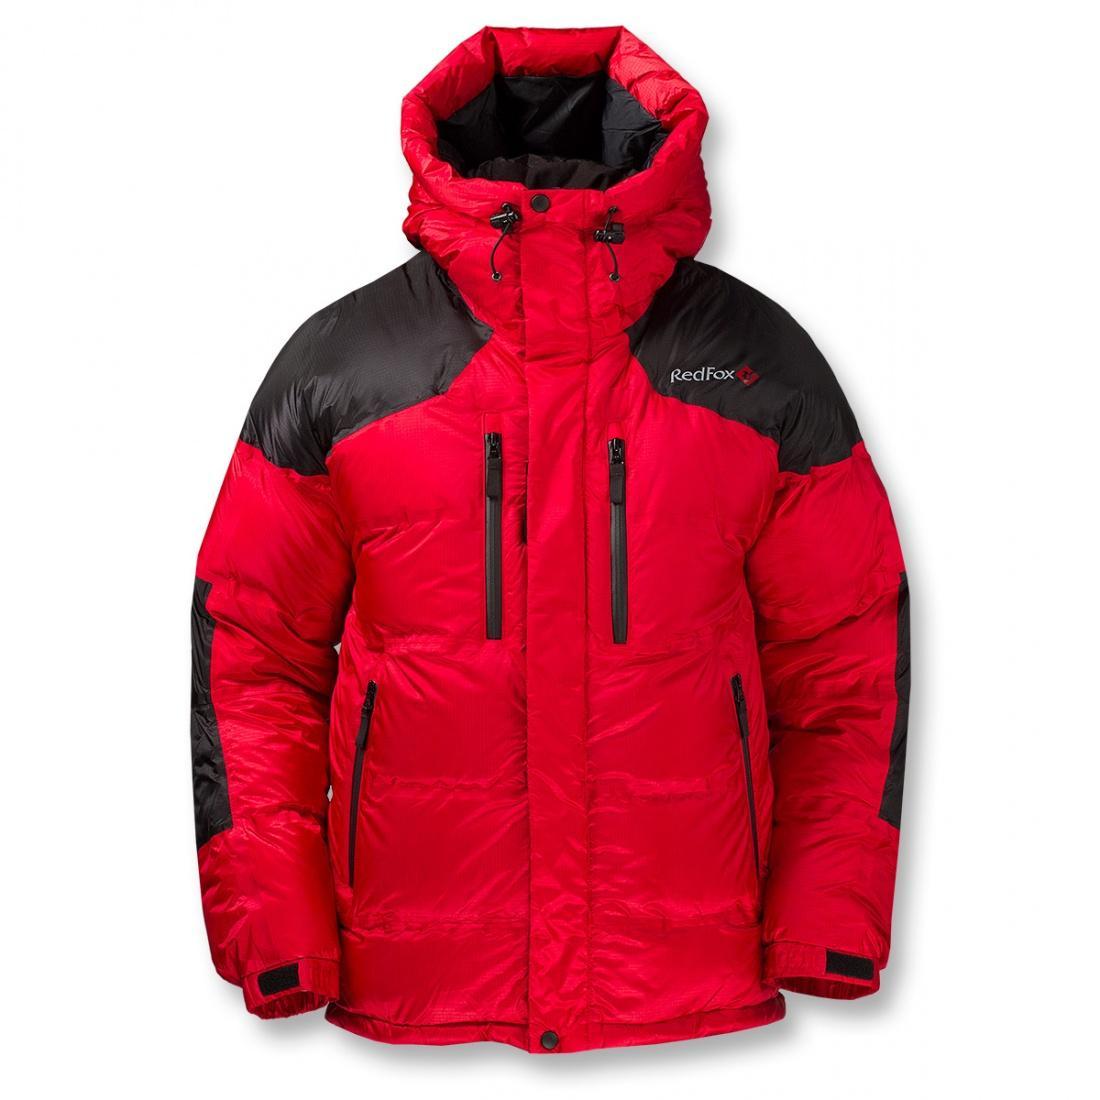 Куртка пуховая Extreme IIКуртки<br>Куртка из мембранных материалов для экстремальных условий. <br><br><br>Материал: Dry Factor 10000<br> <br>Подкладка: Nylon DP<br>Утеплитель: гус...<br><br>Цвет: Красный<br>Размер: 54